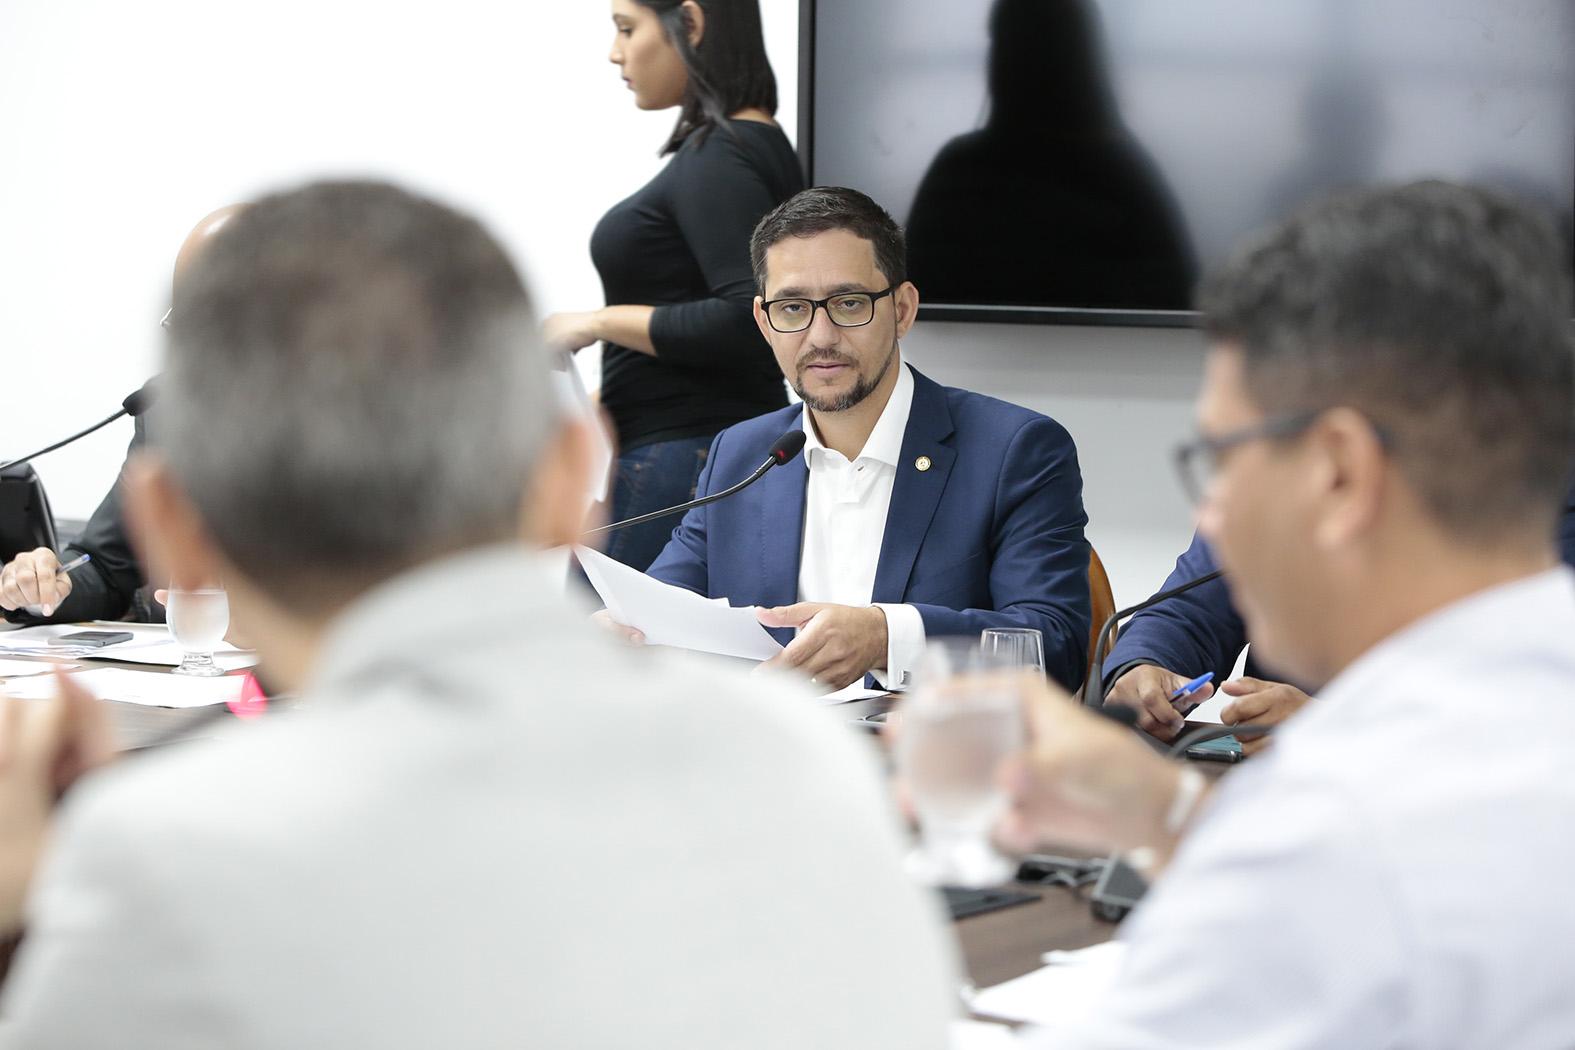 Comissão aprova recomendação legislativa que sugere laudos de acompanhamento psicológico para autorizar indultos a presos